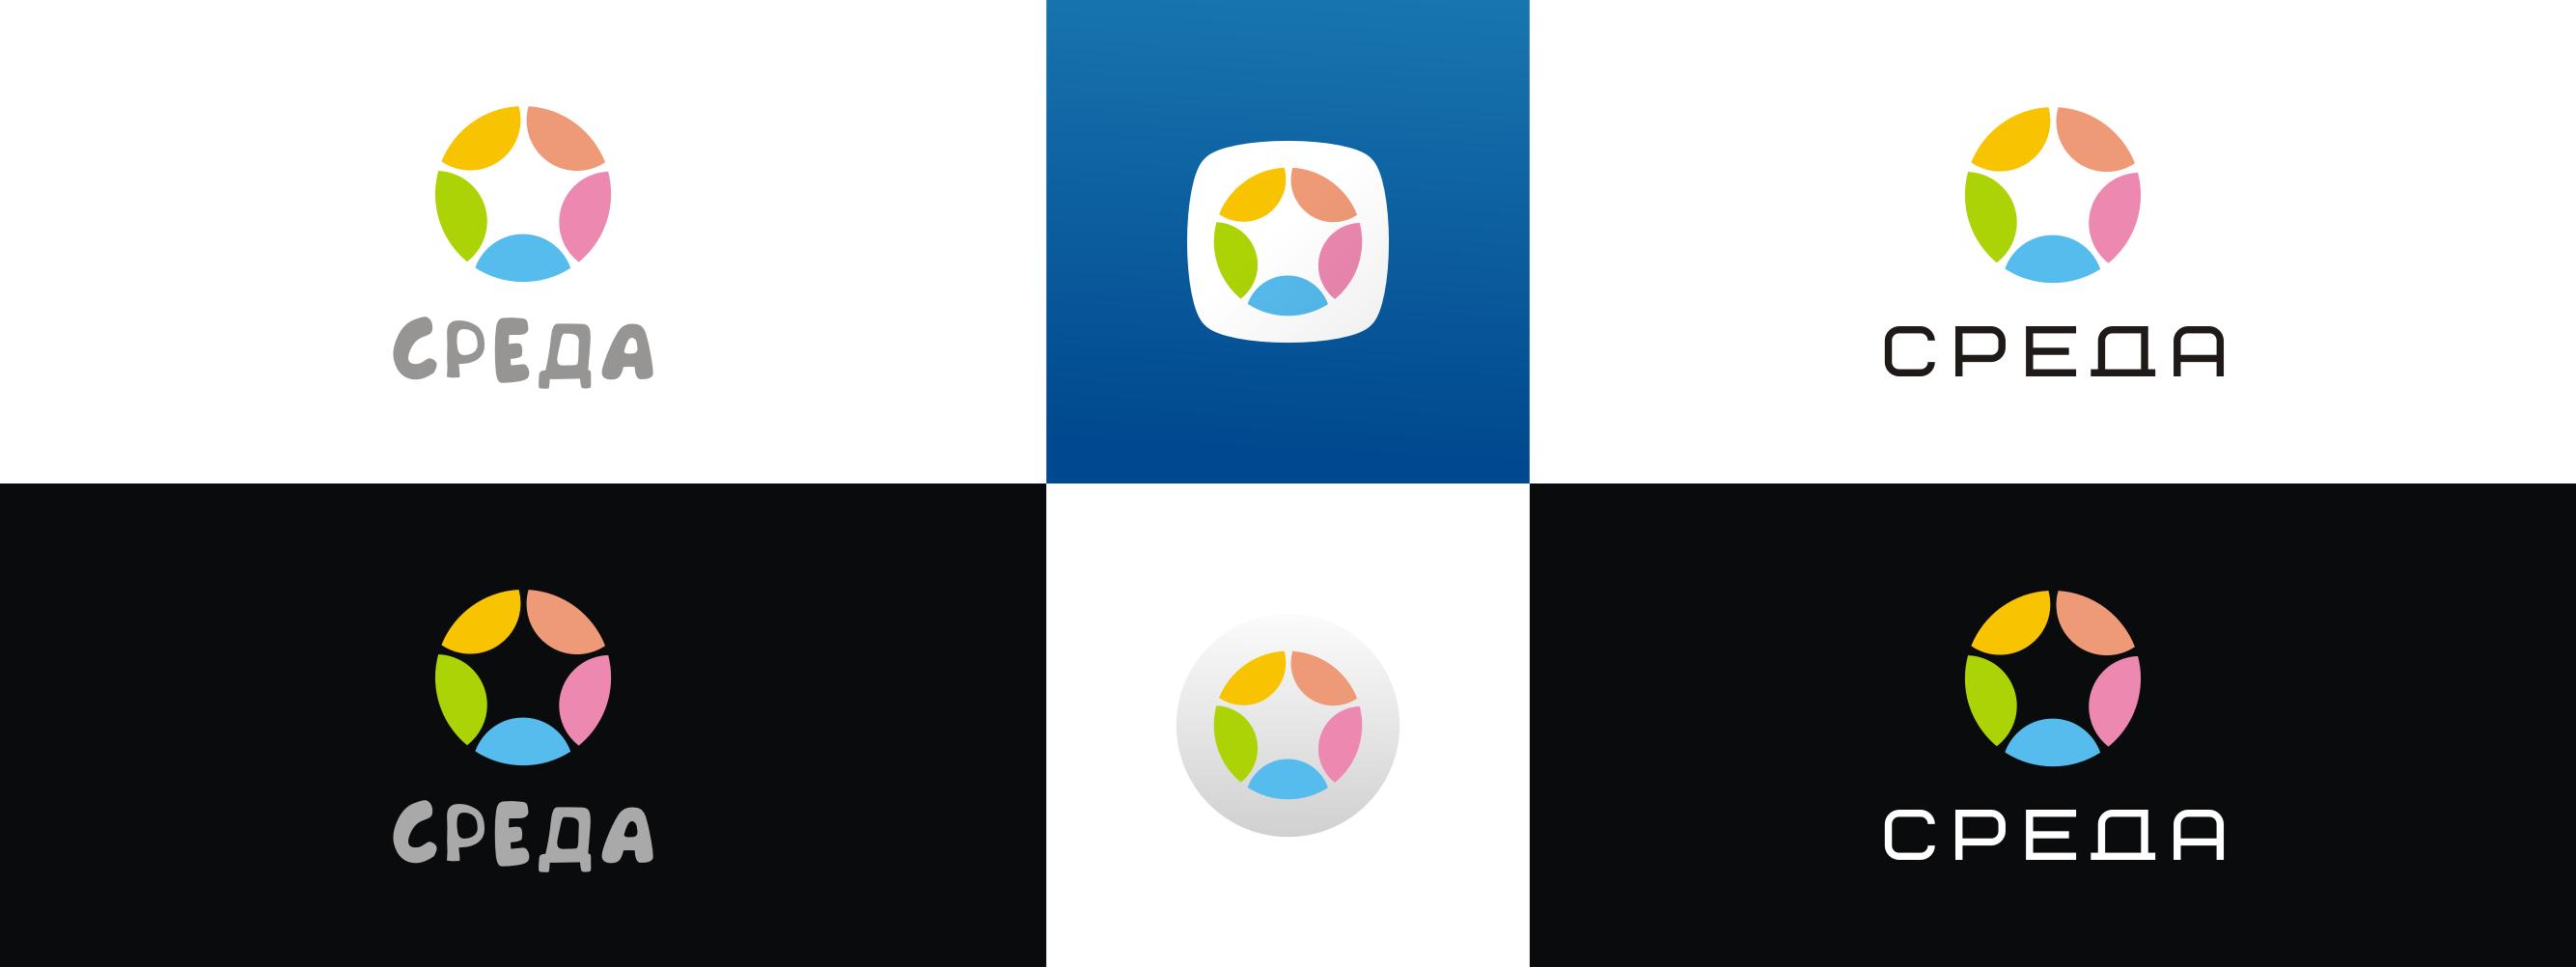 Разработка логотипа для творческого портала фото f_3455b5ae8791c4c4.png